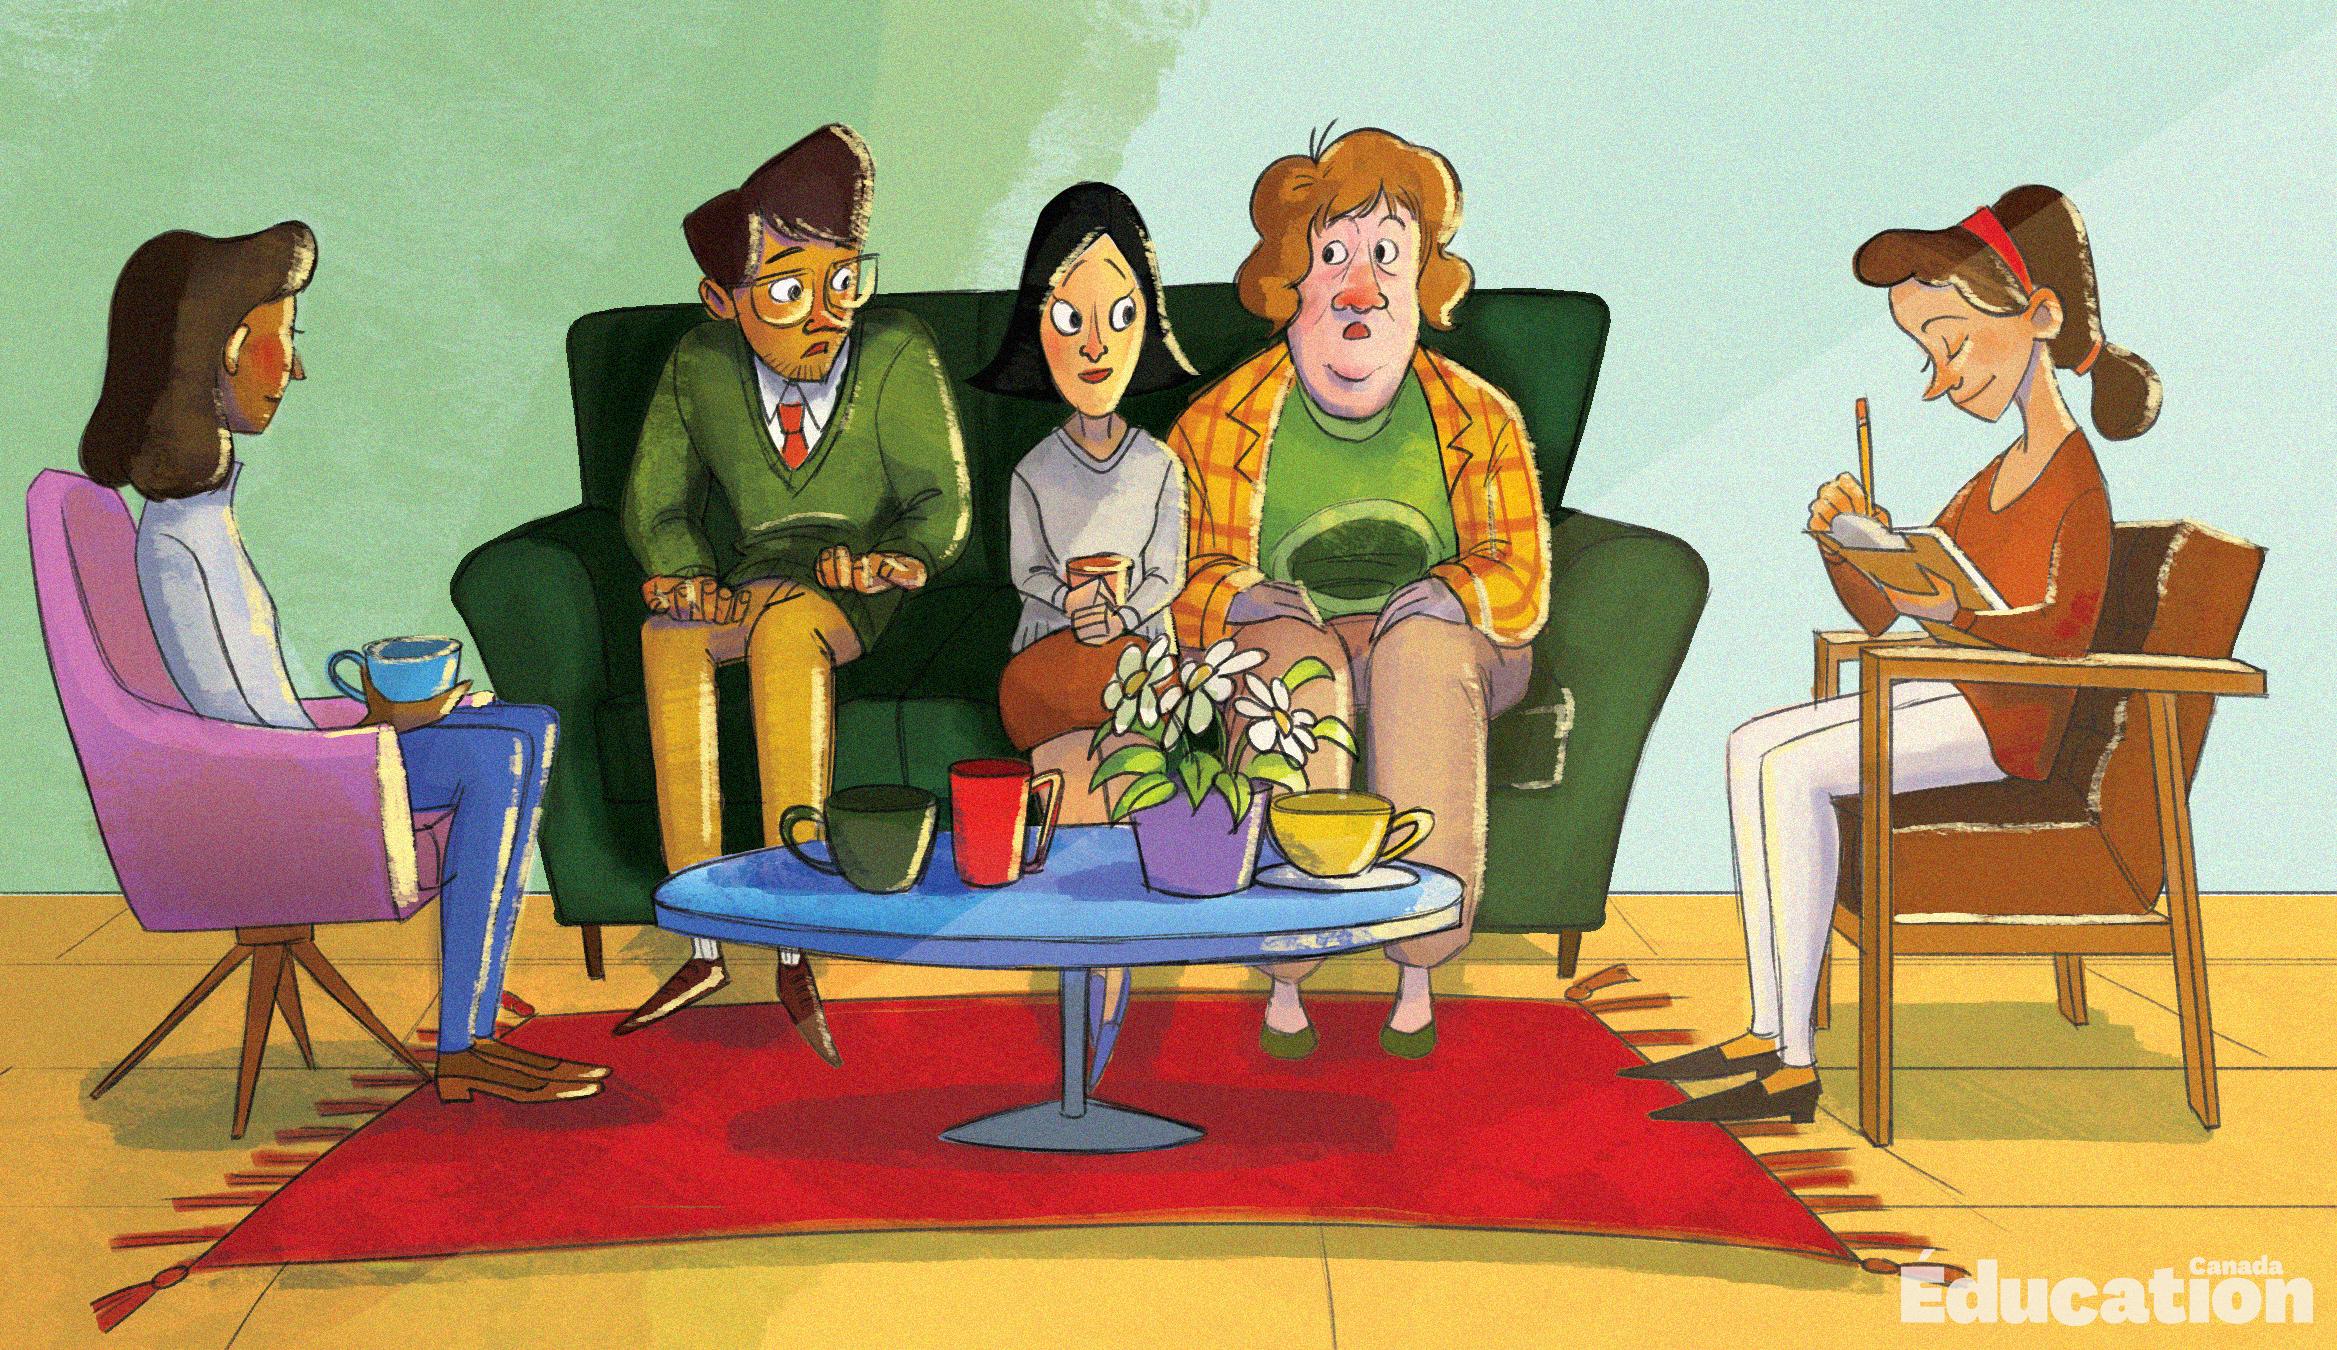 soutien social en contexte scolaire - groupe qui discute